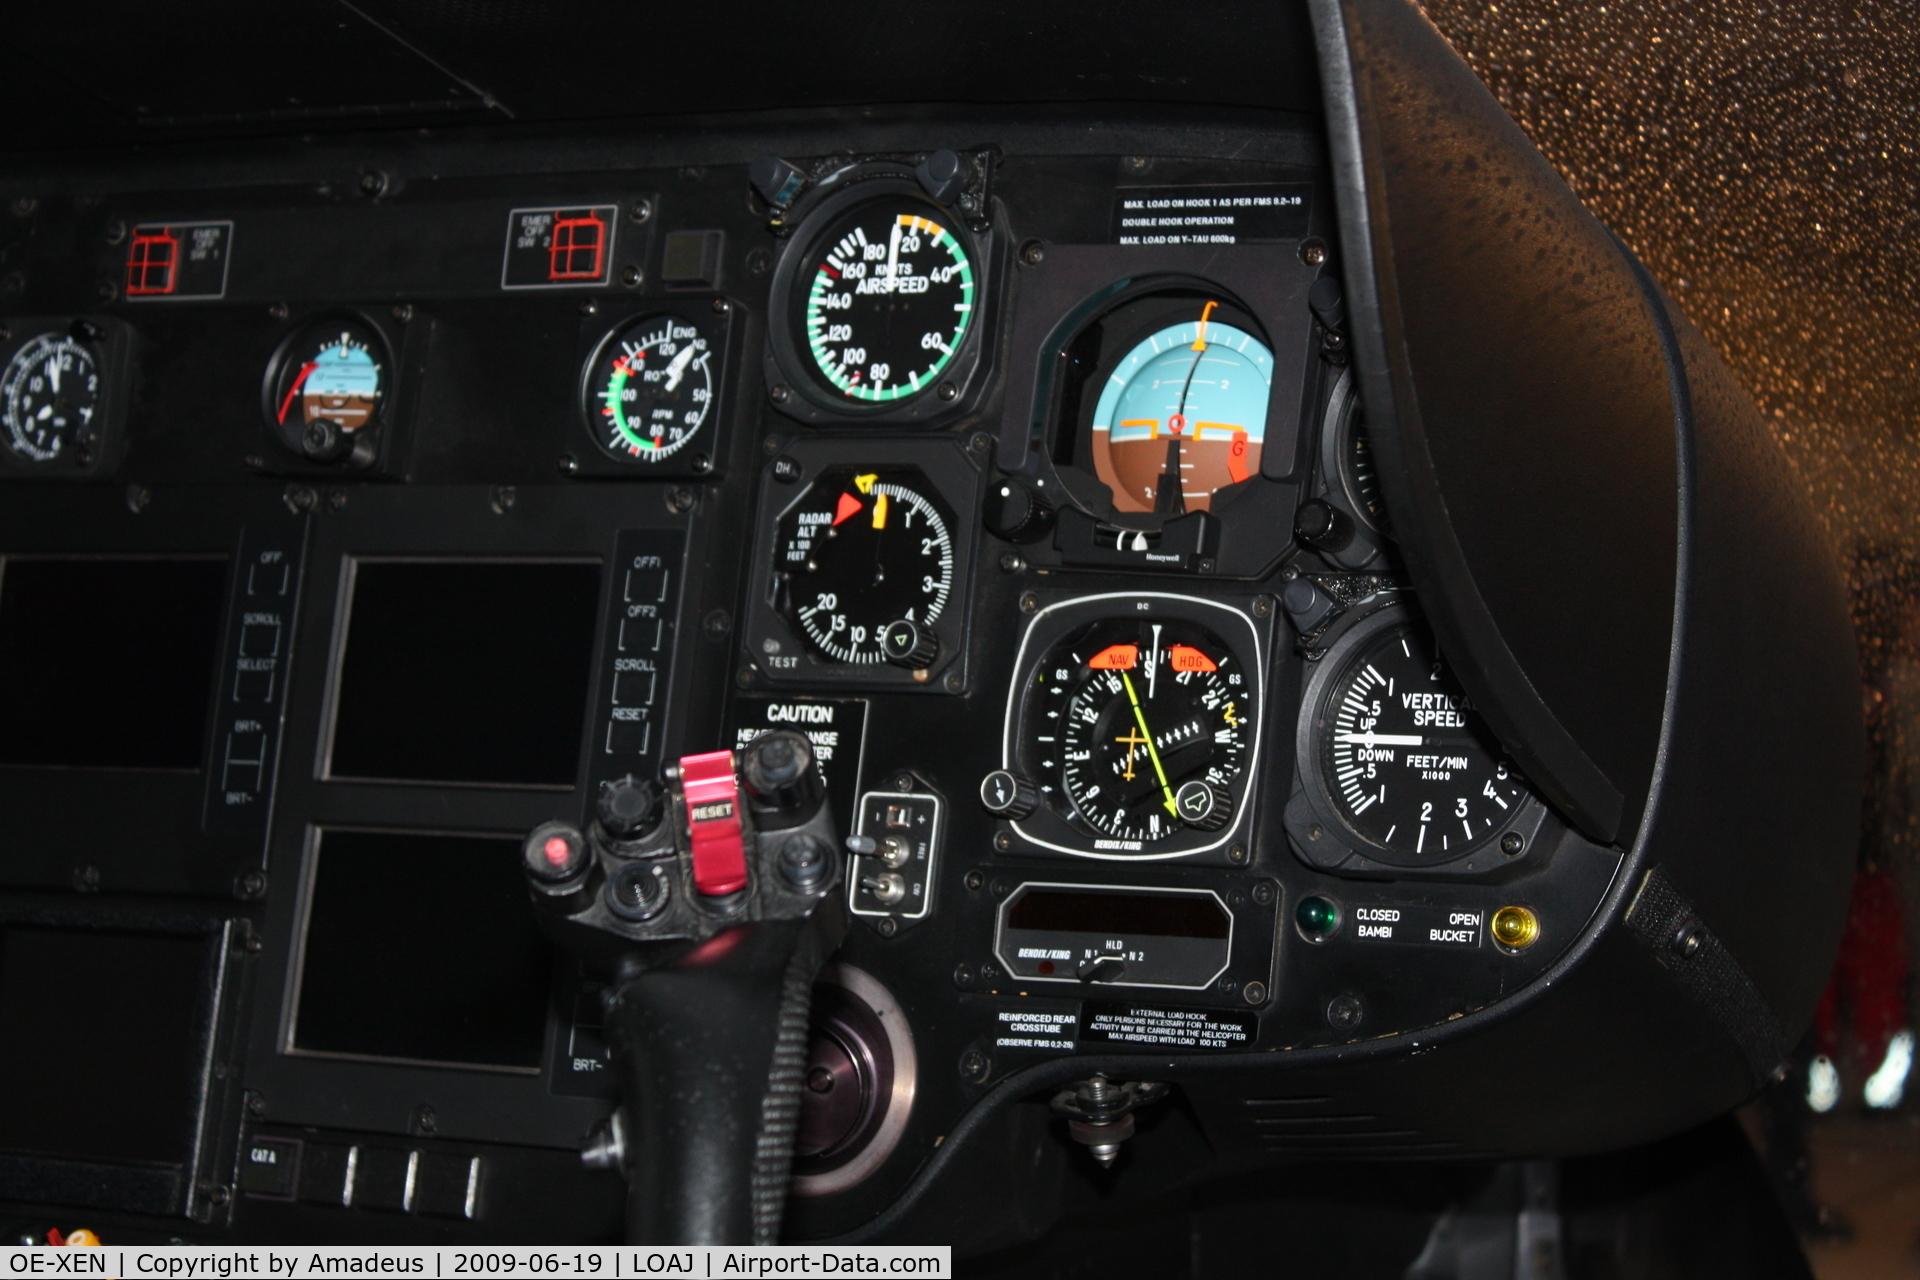 OE-XEN, Eurocopter EC-135T-2 C/N 0199, ÖAMTC EC 135